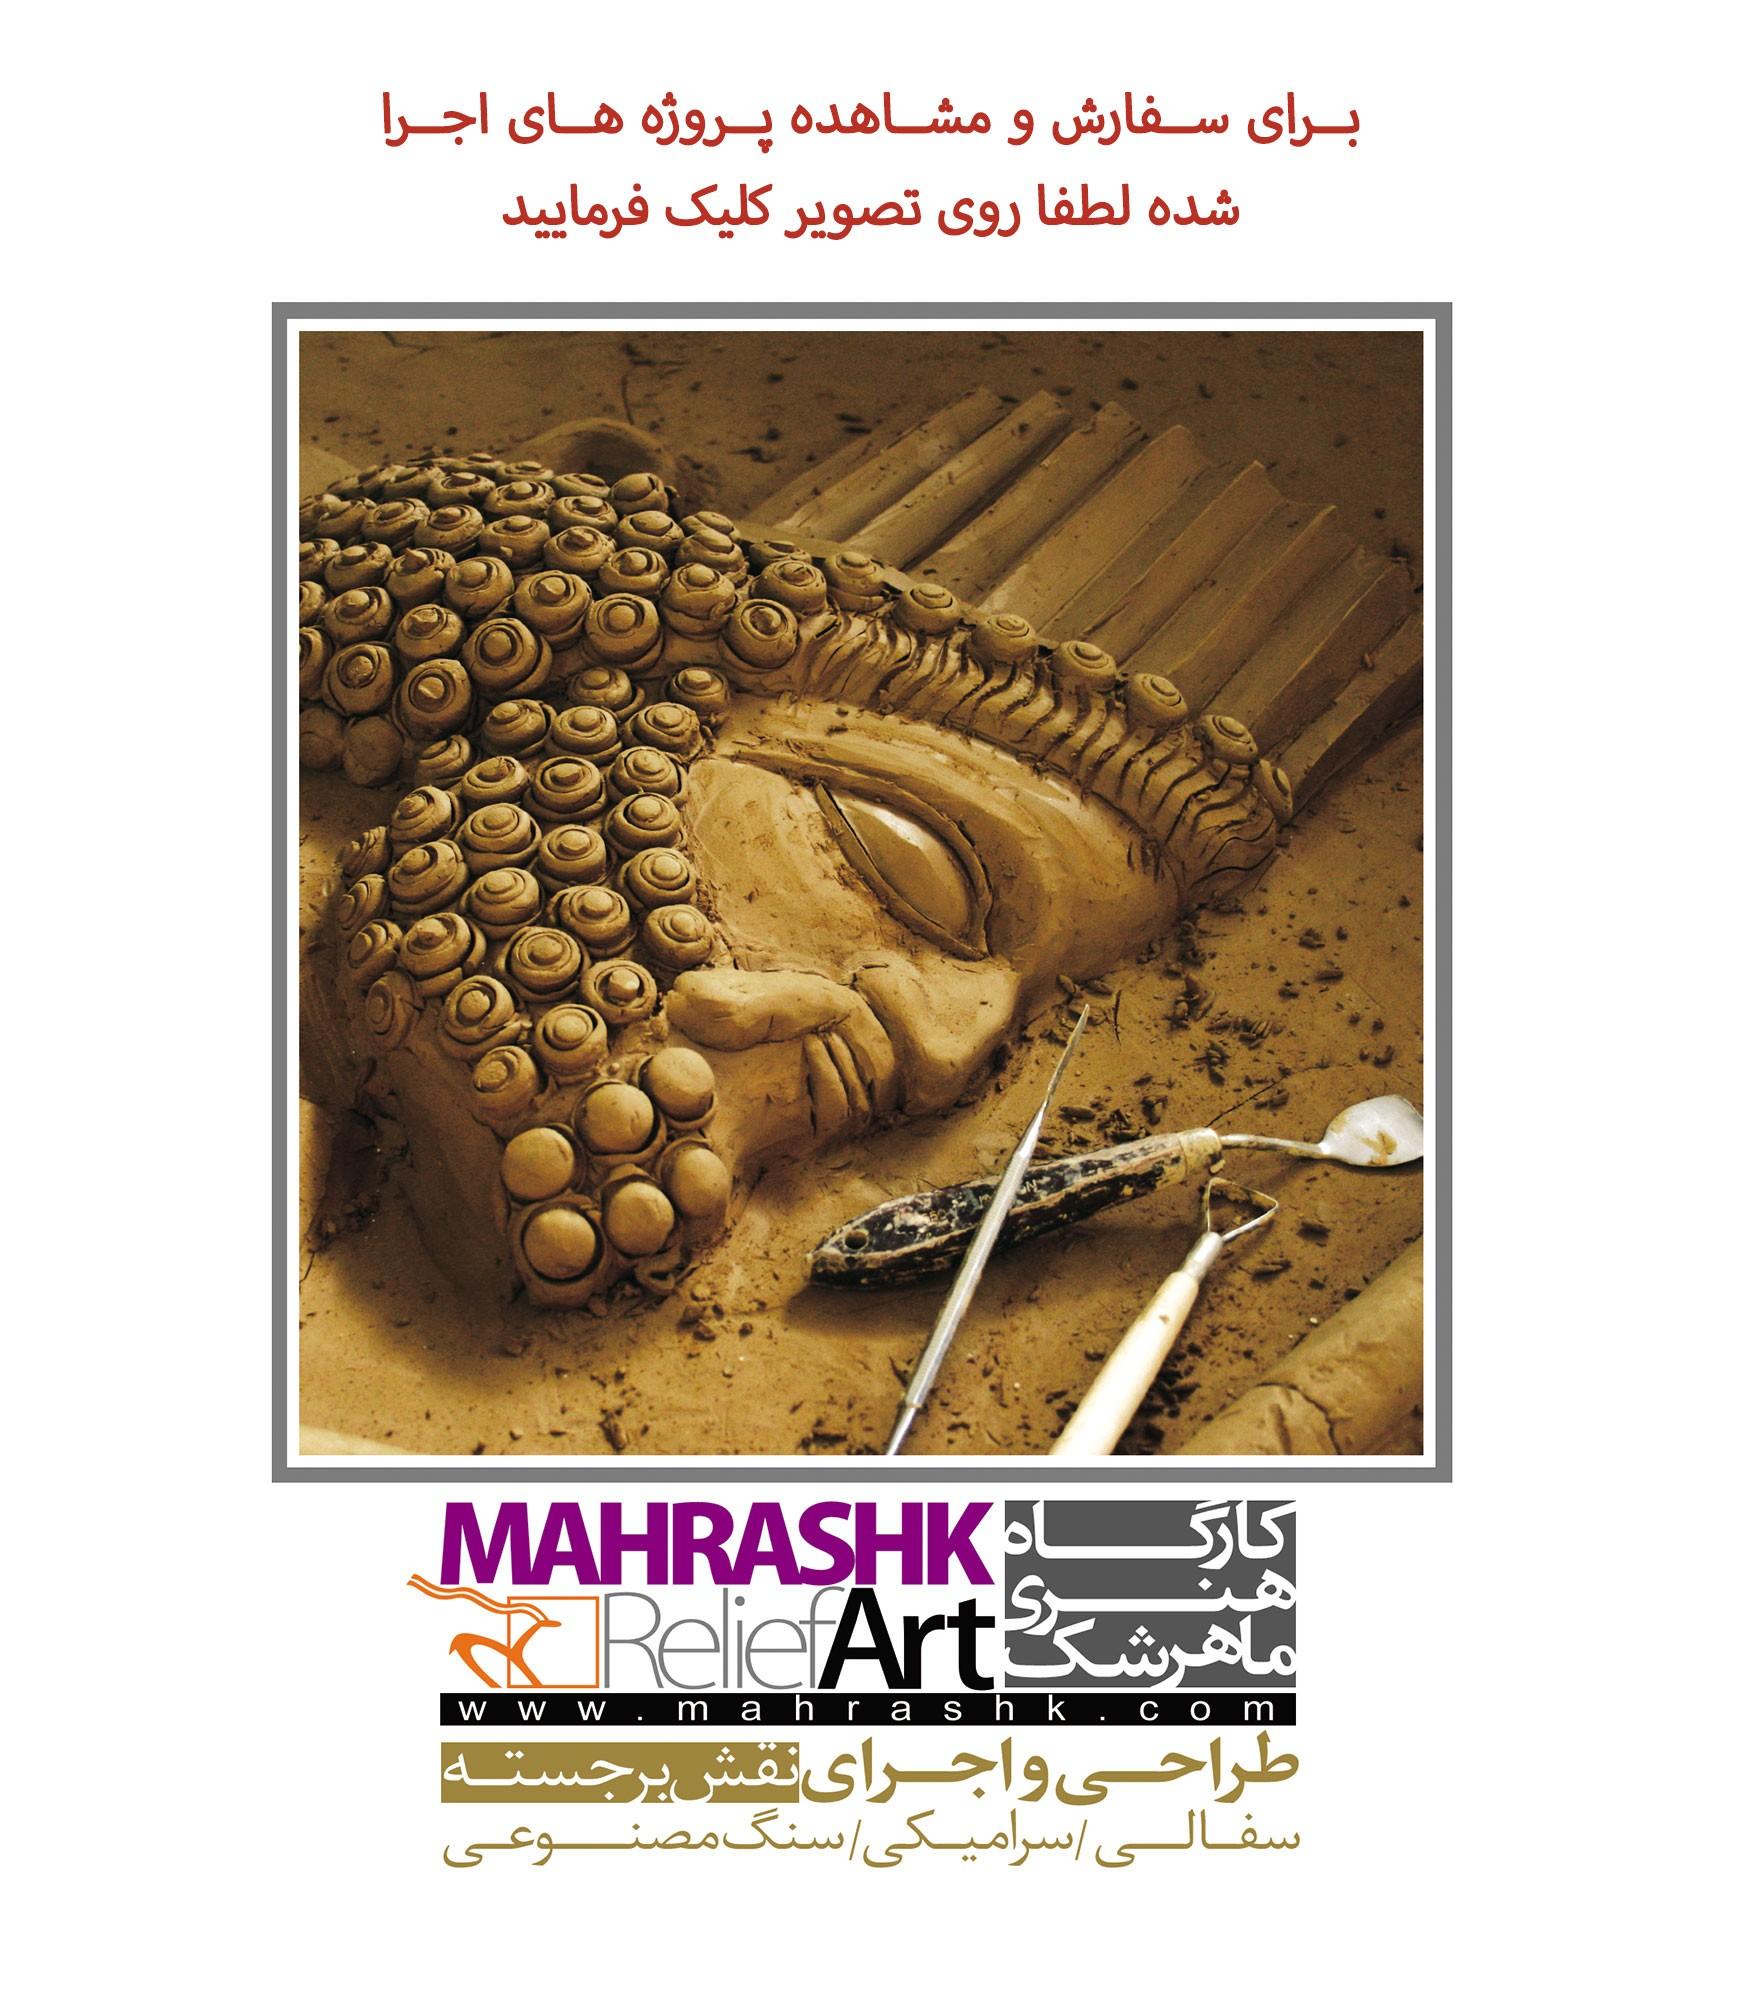 پروژه های محیطی و سفارشی شرکت هنری ماهرشک